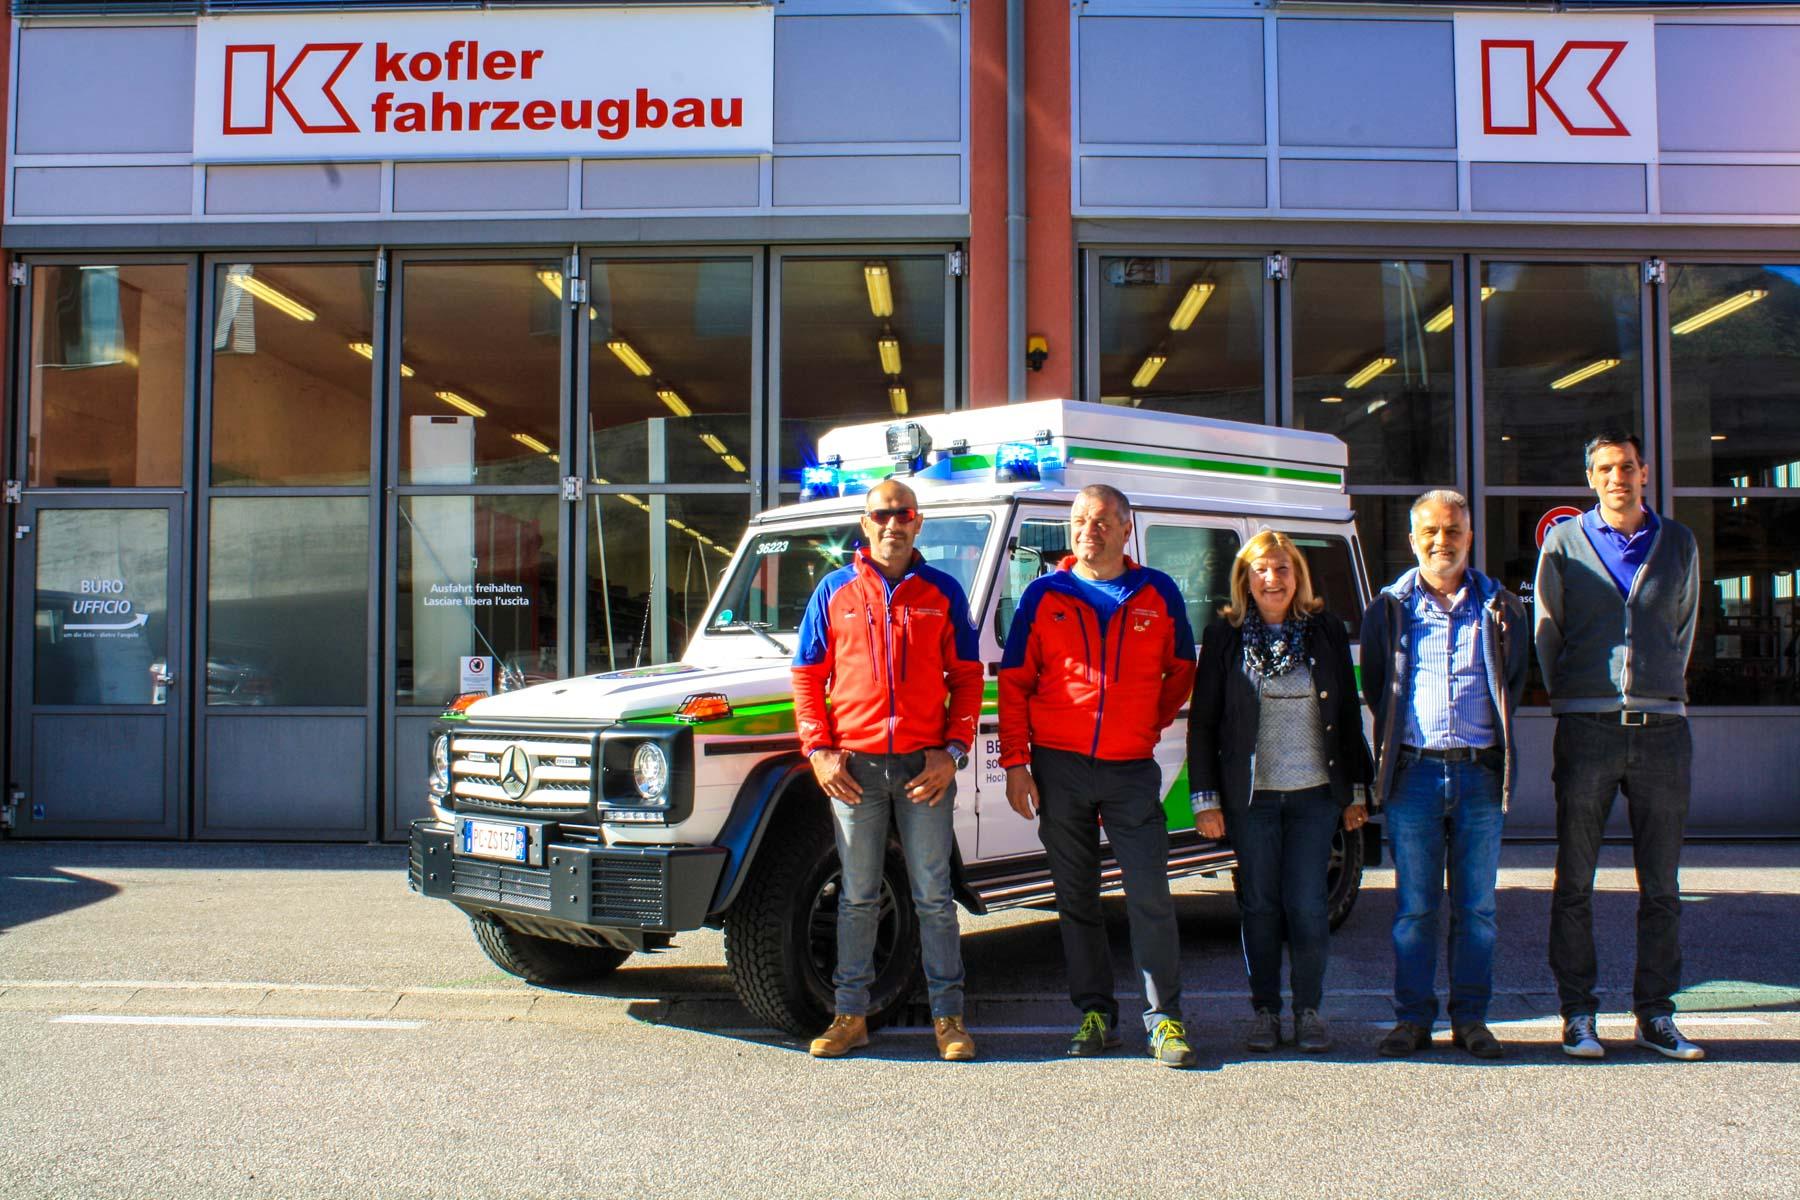 Kofler-Fahrzeugbau-BRD-Hochpustertal